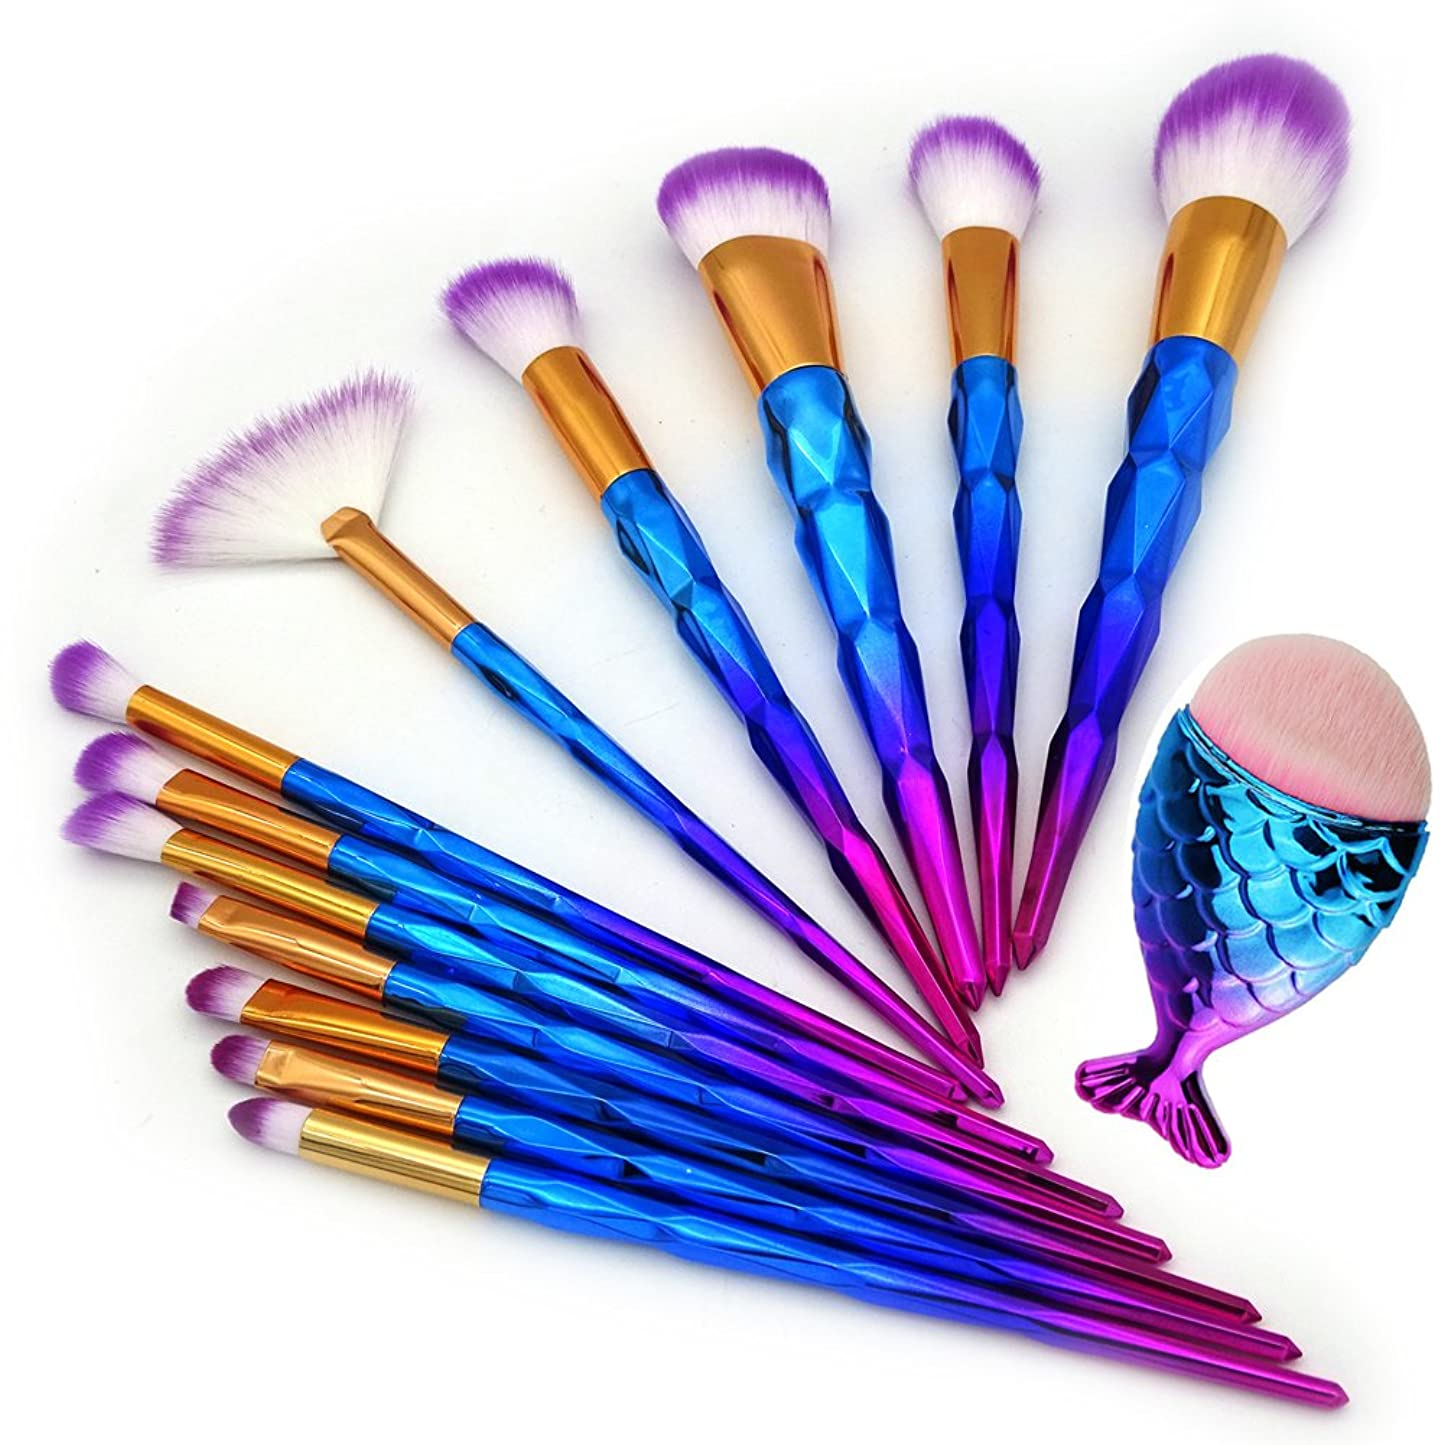 スライム性差別ルーム13Pcs Unicorn Diamond Makeup Brush Set Mermaid Foundation Powder Cosmetics Rainbow Eyeshadow Face Kabuki Make Up Brush Tools Kit